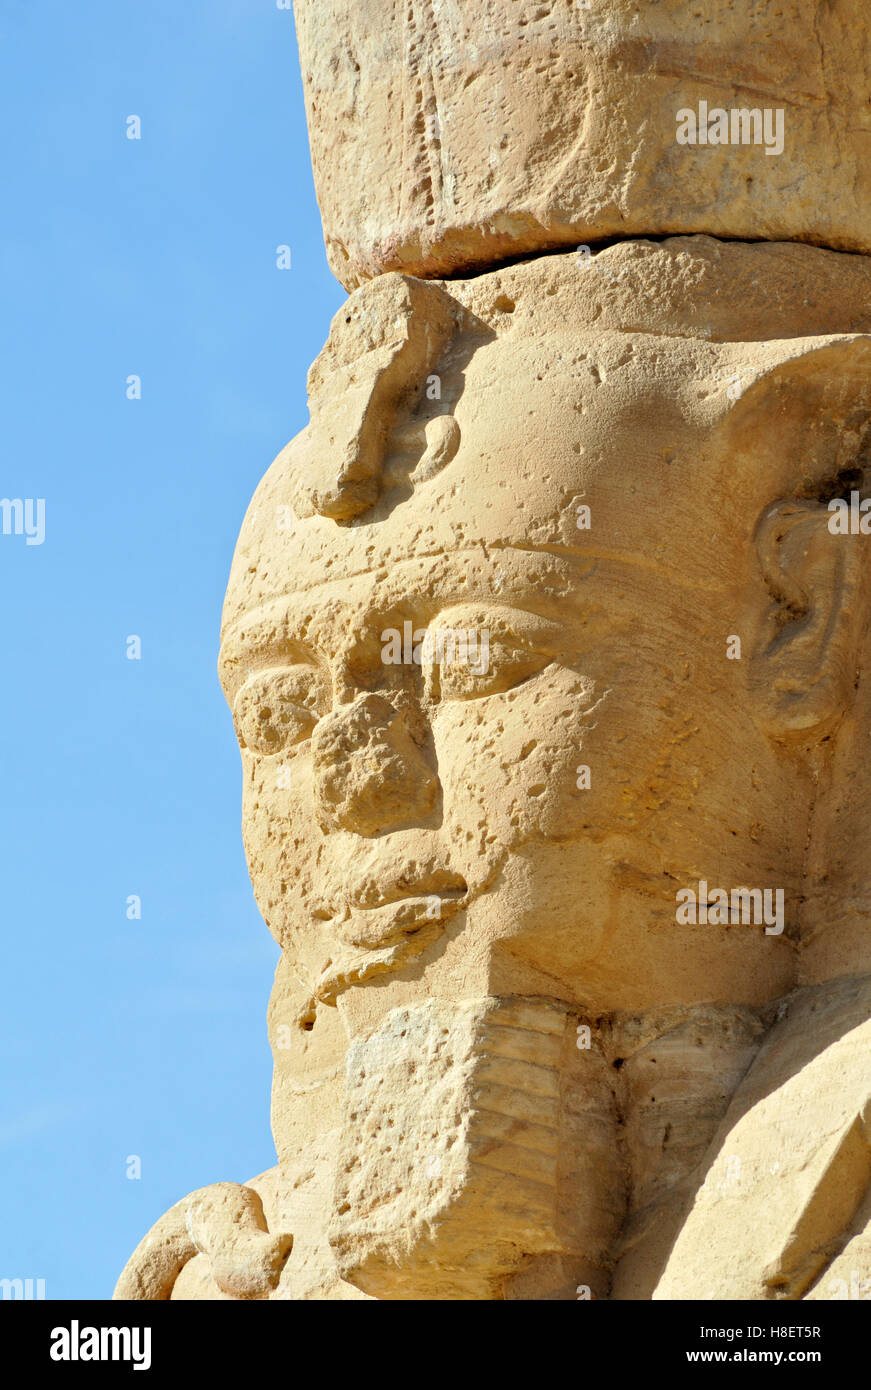 Estatua de Ramsés II el Grande en el patio de la antigua Nubia templo Kalabsha Gerf Hussein, Isla en el lago Nasser, cerca de Aswan. Foto de stock